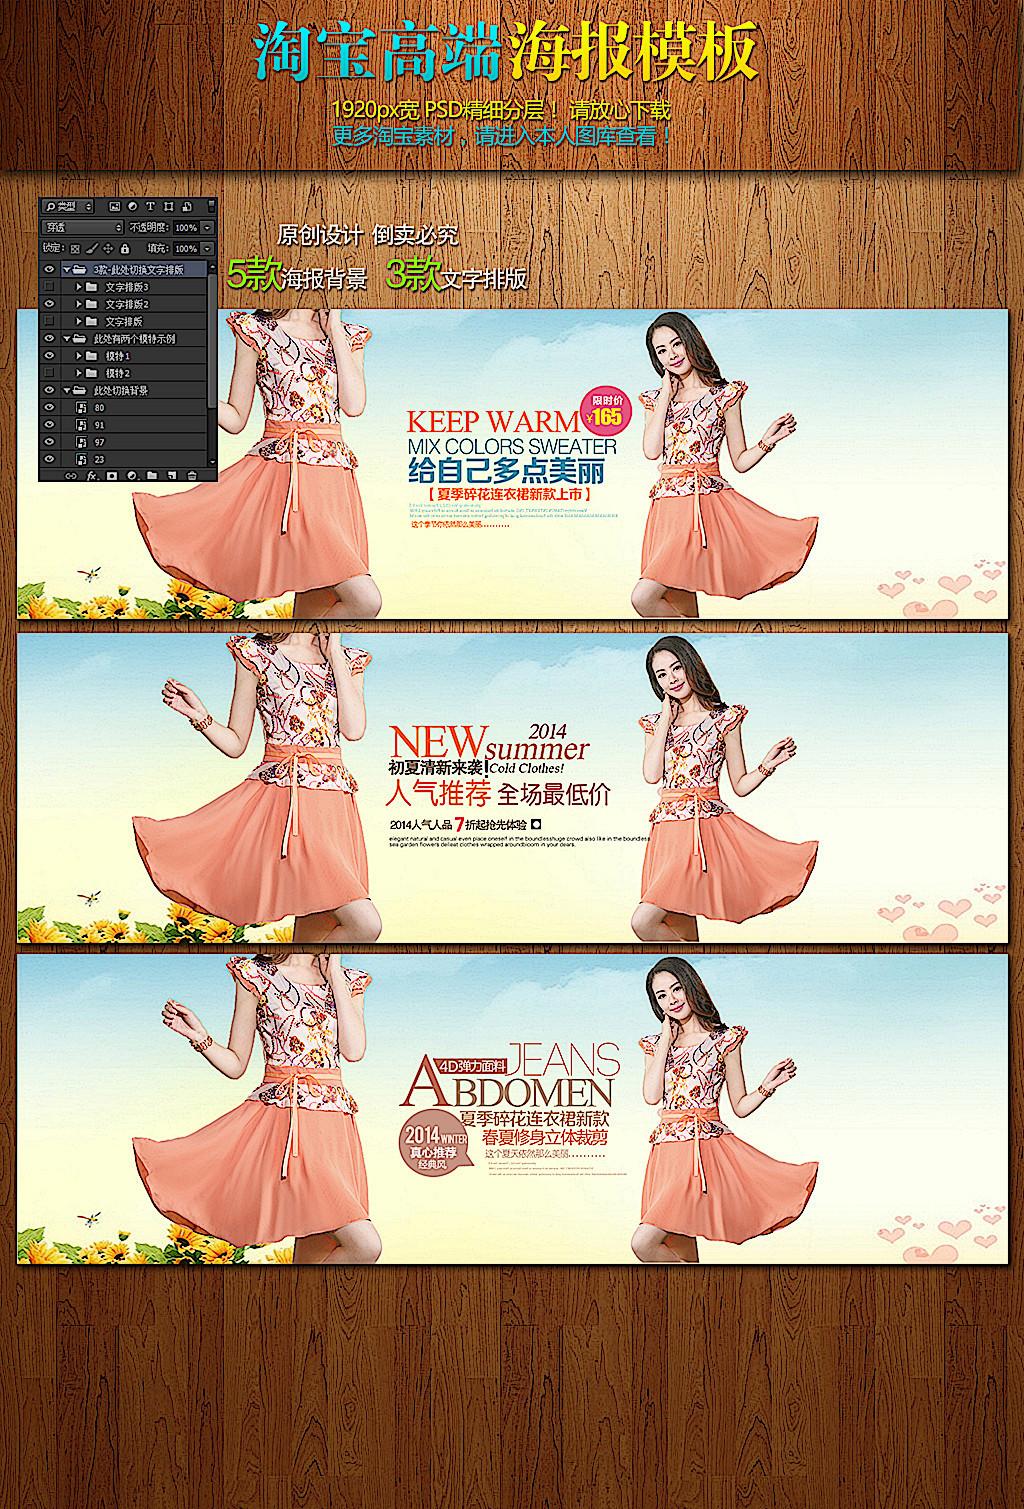 淘宝天猫夏季女装服装海报母亲节海报